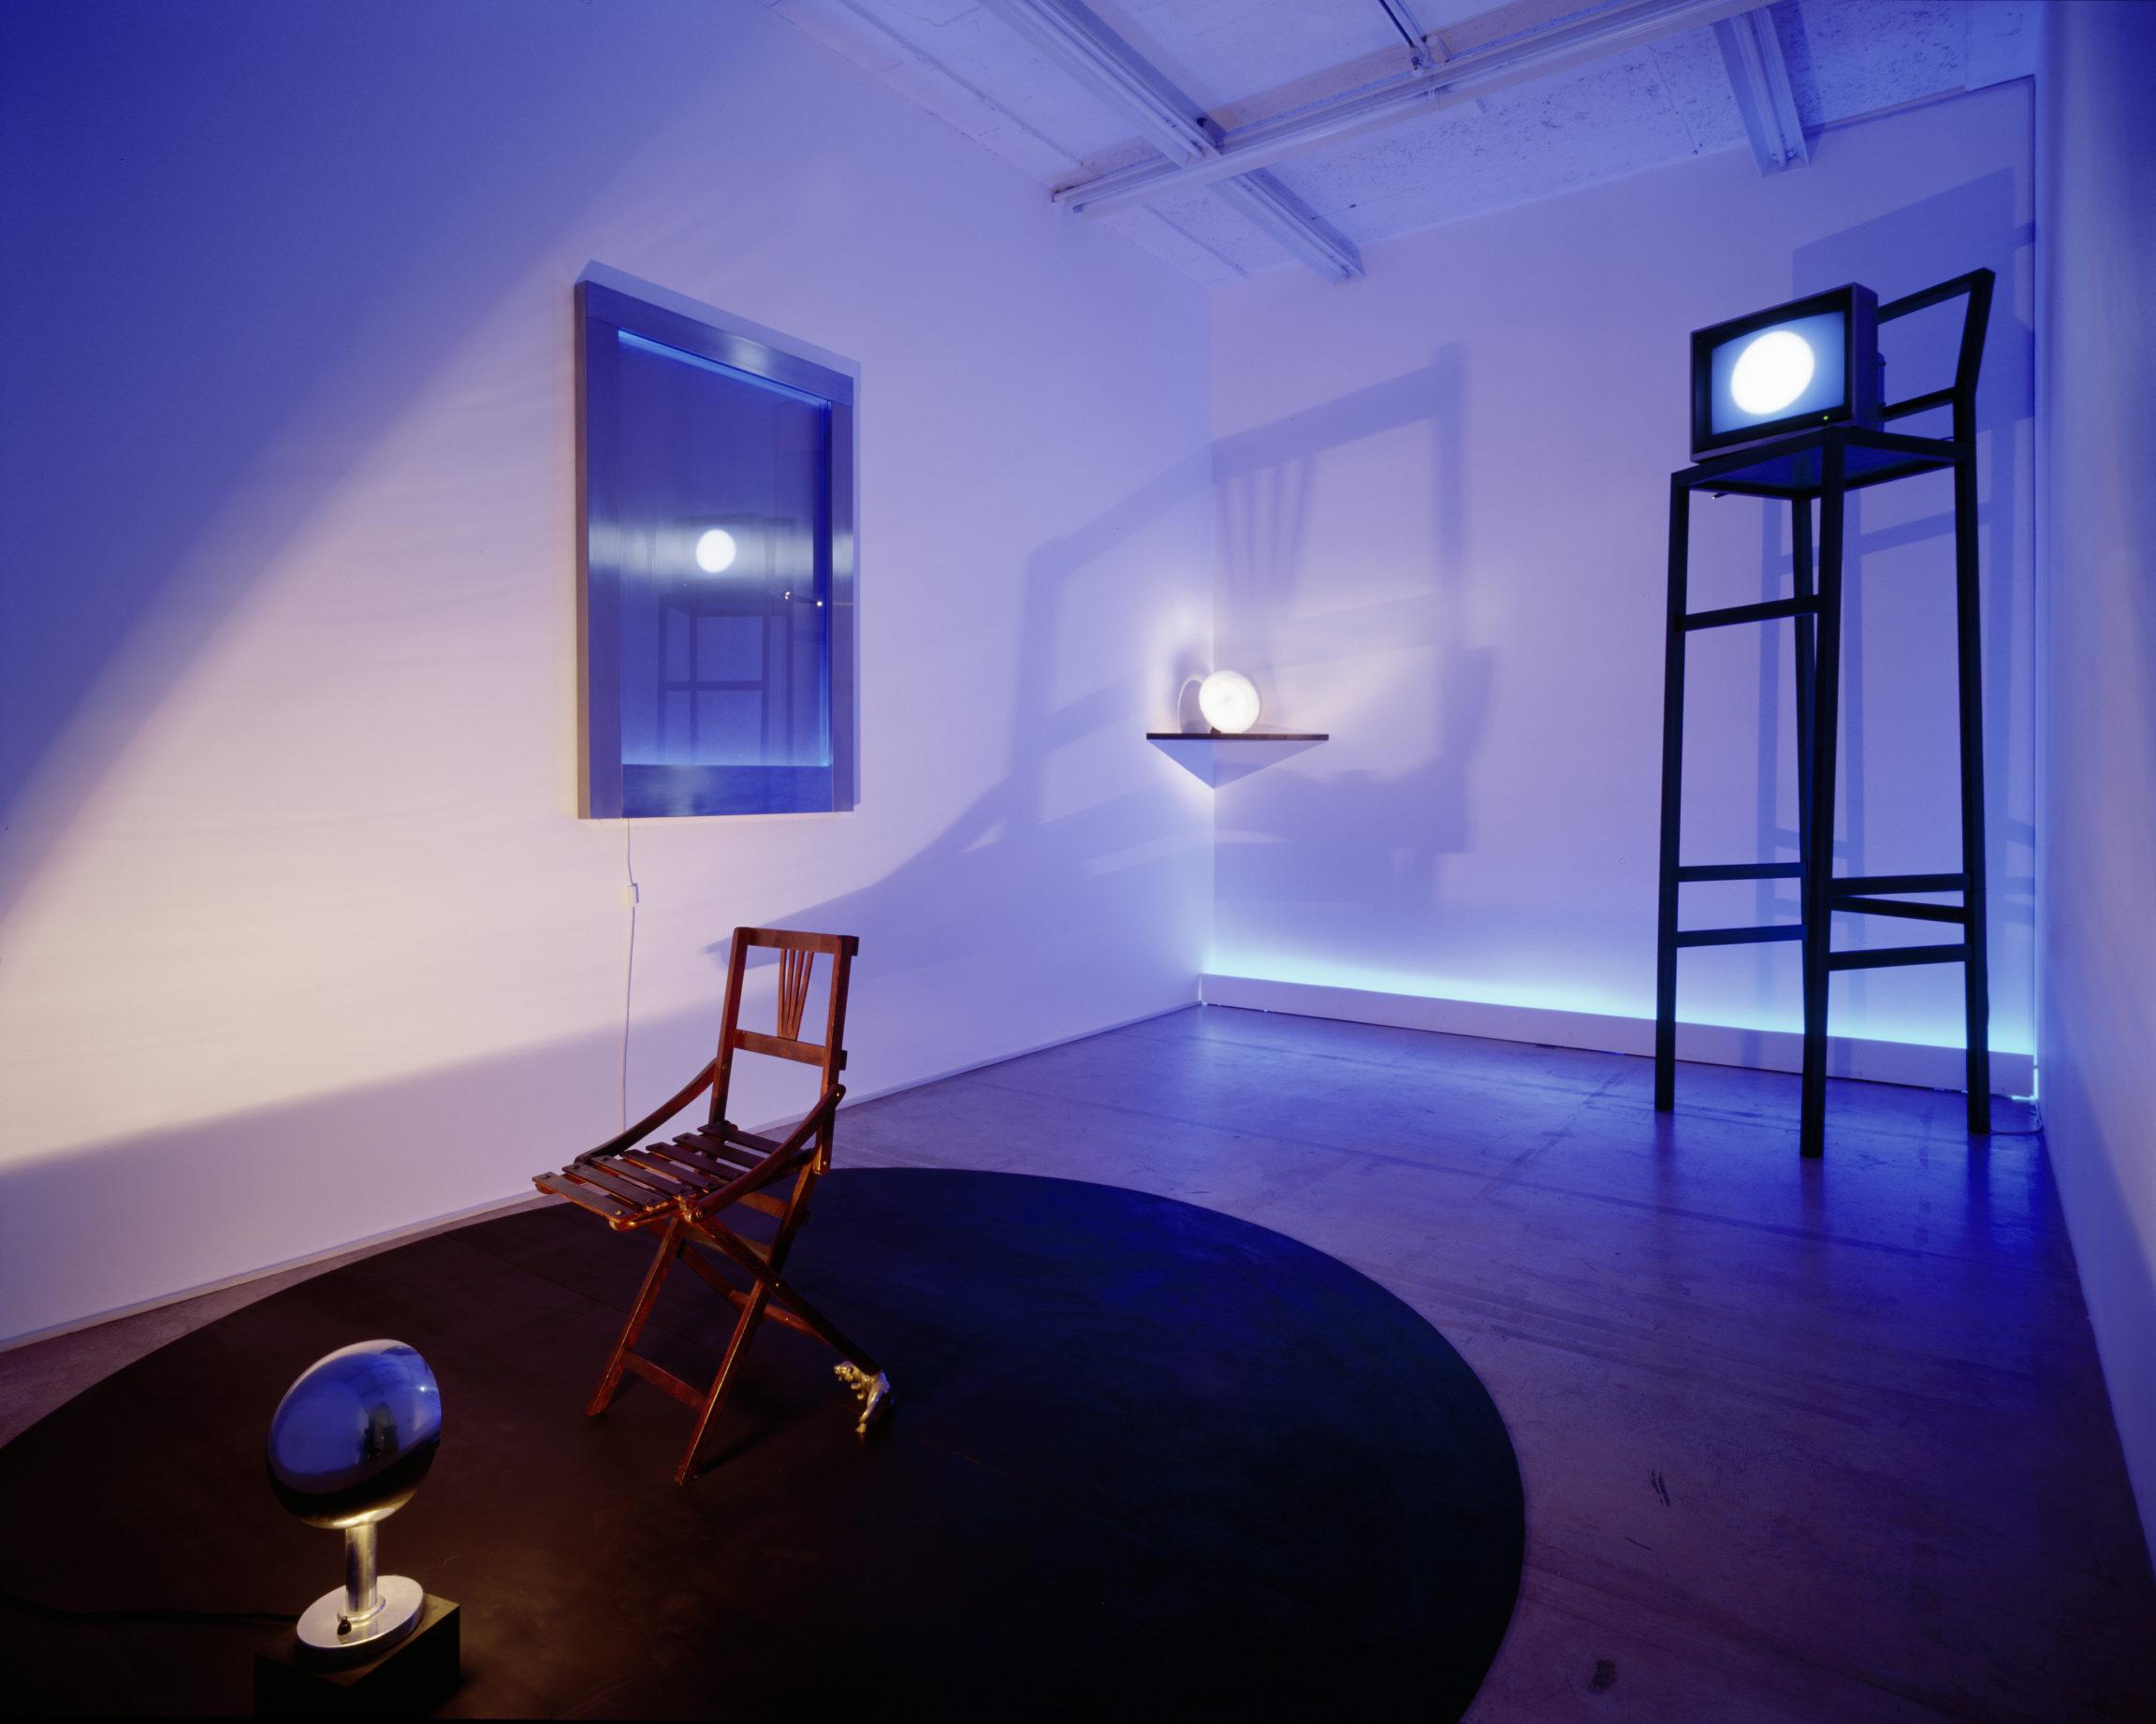 Silvie et Chérif Defraoui , La nuit, les chambres sont plus grandes, 1987